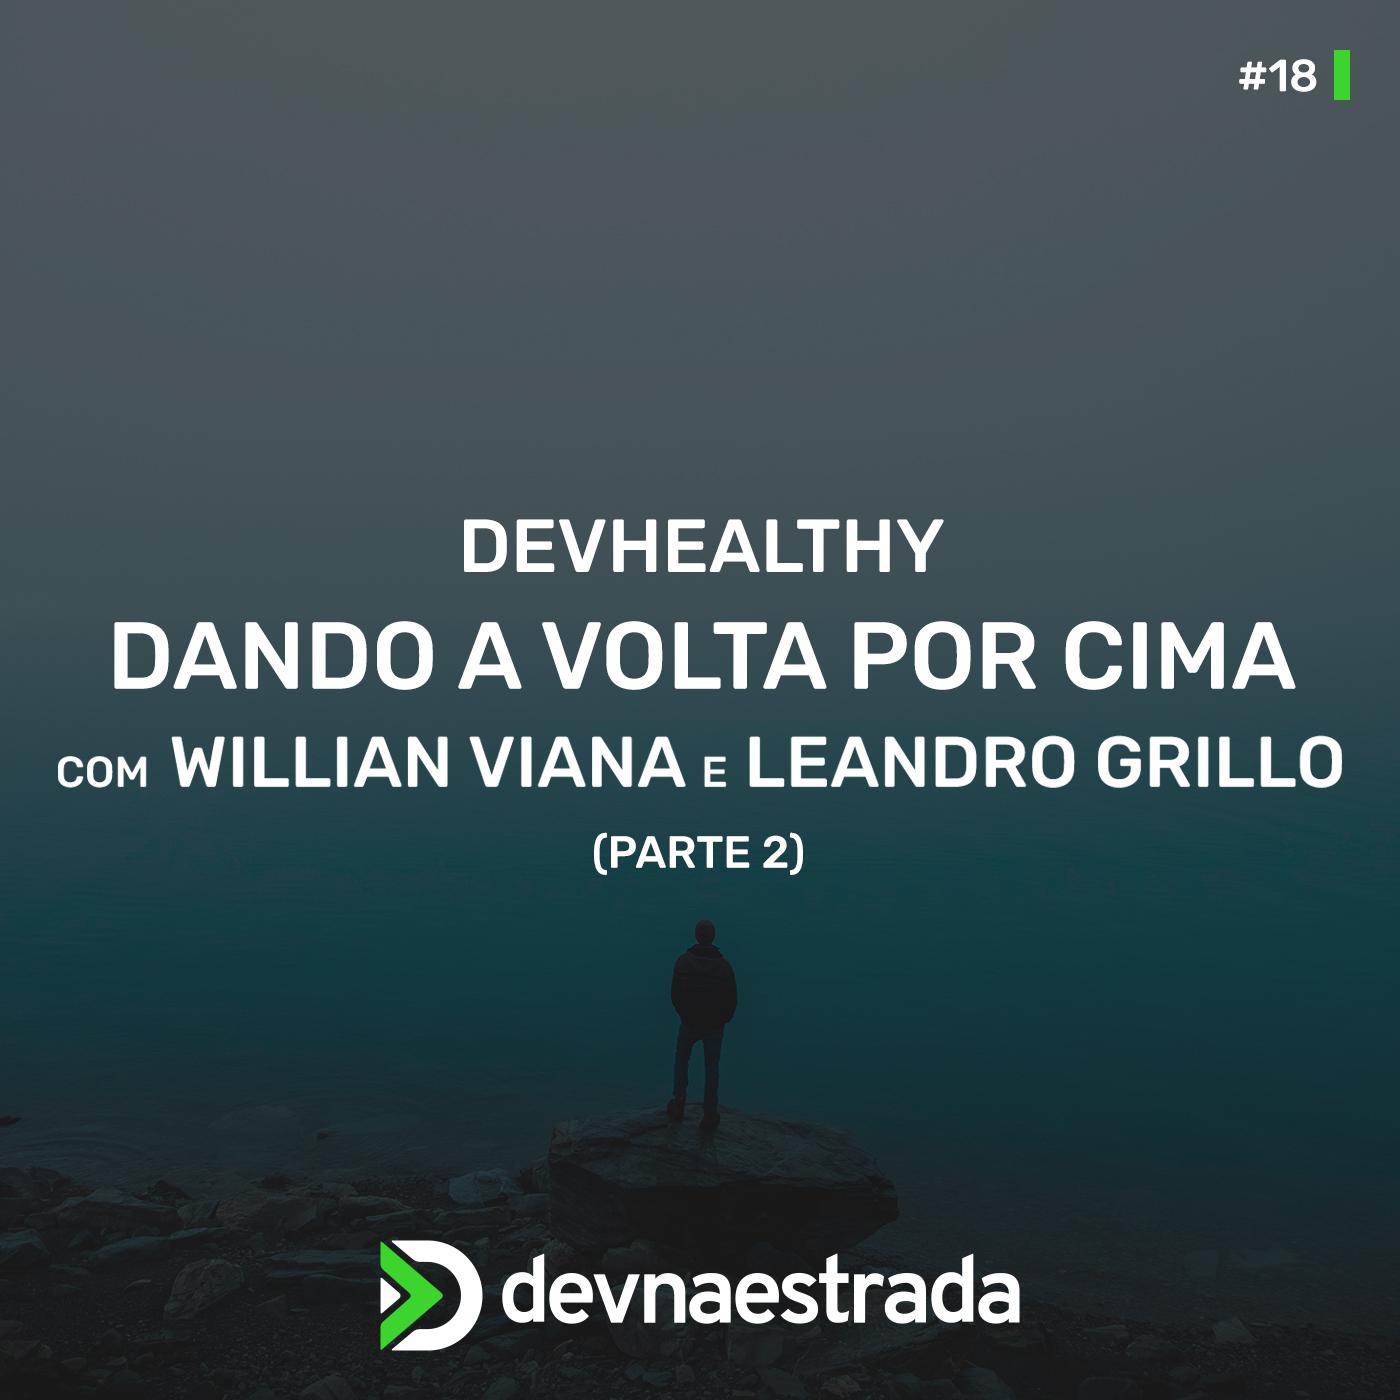 DevHealthy #18 - Dando a volta por cima - Willian Viana e Leandro Grillo - Parte 2